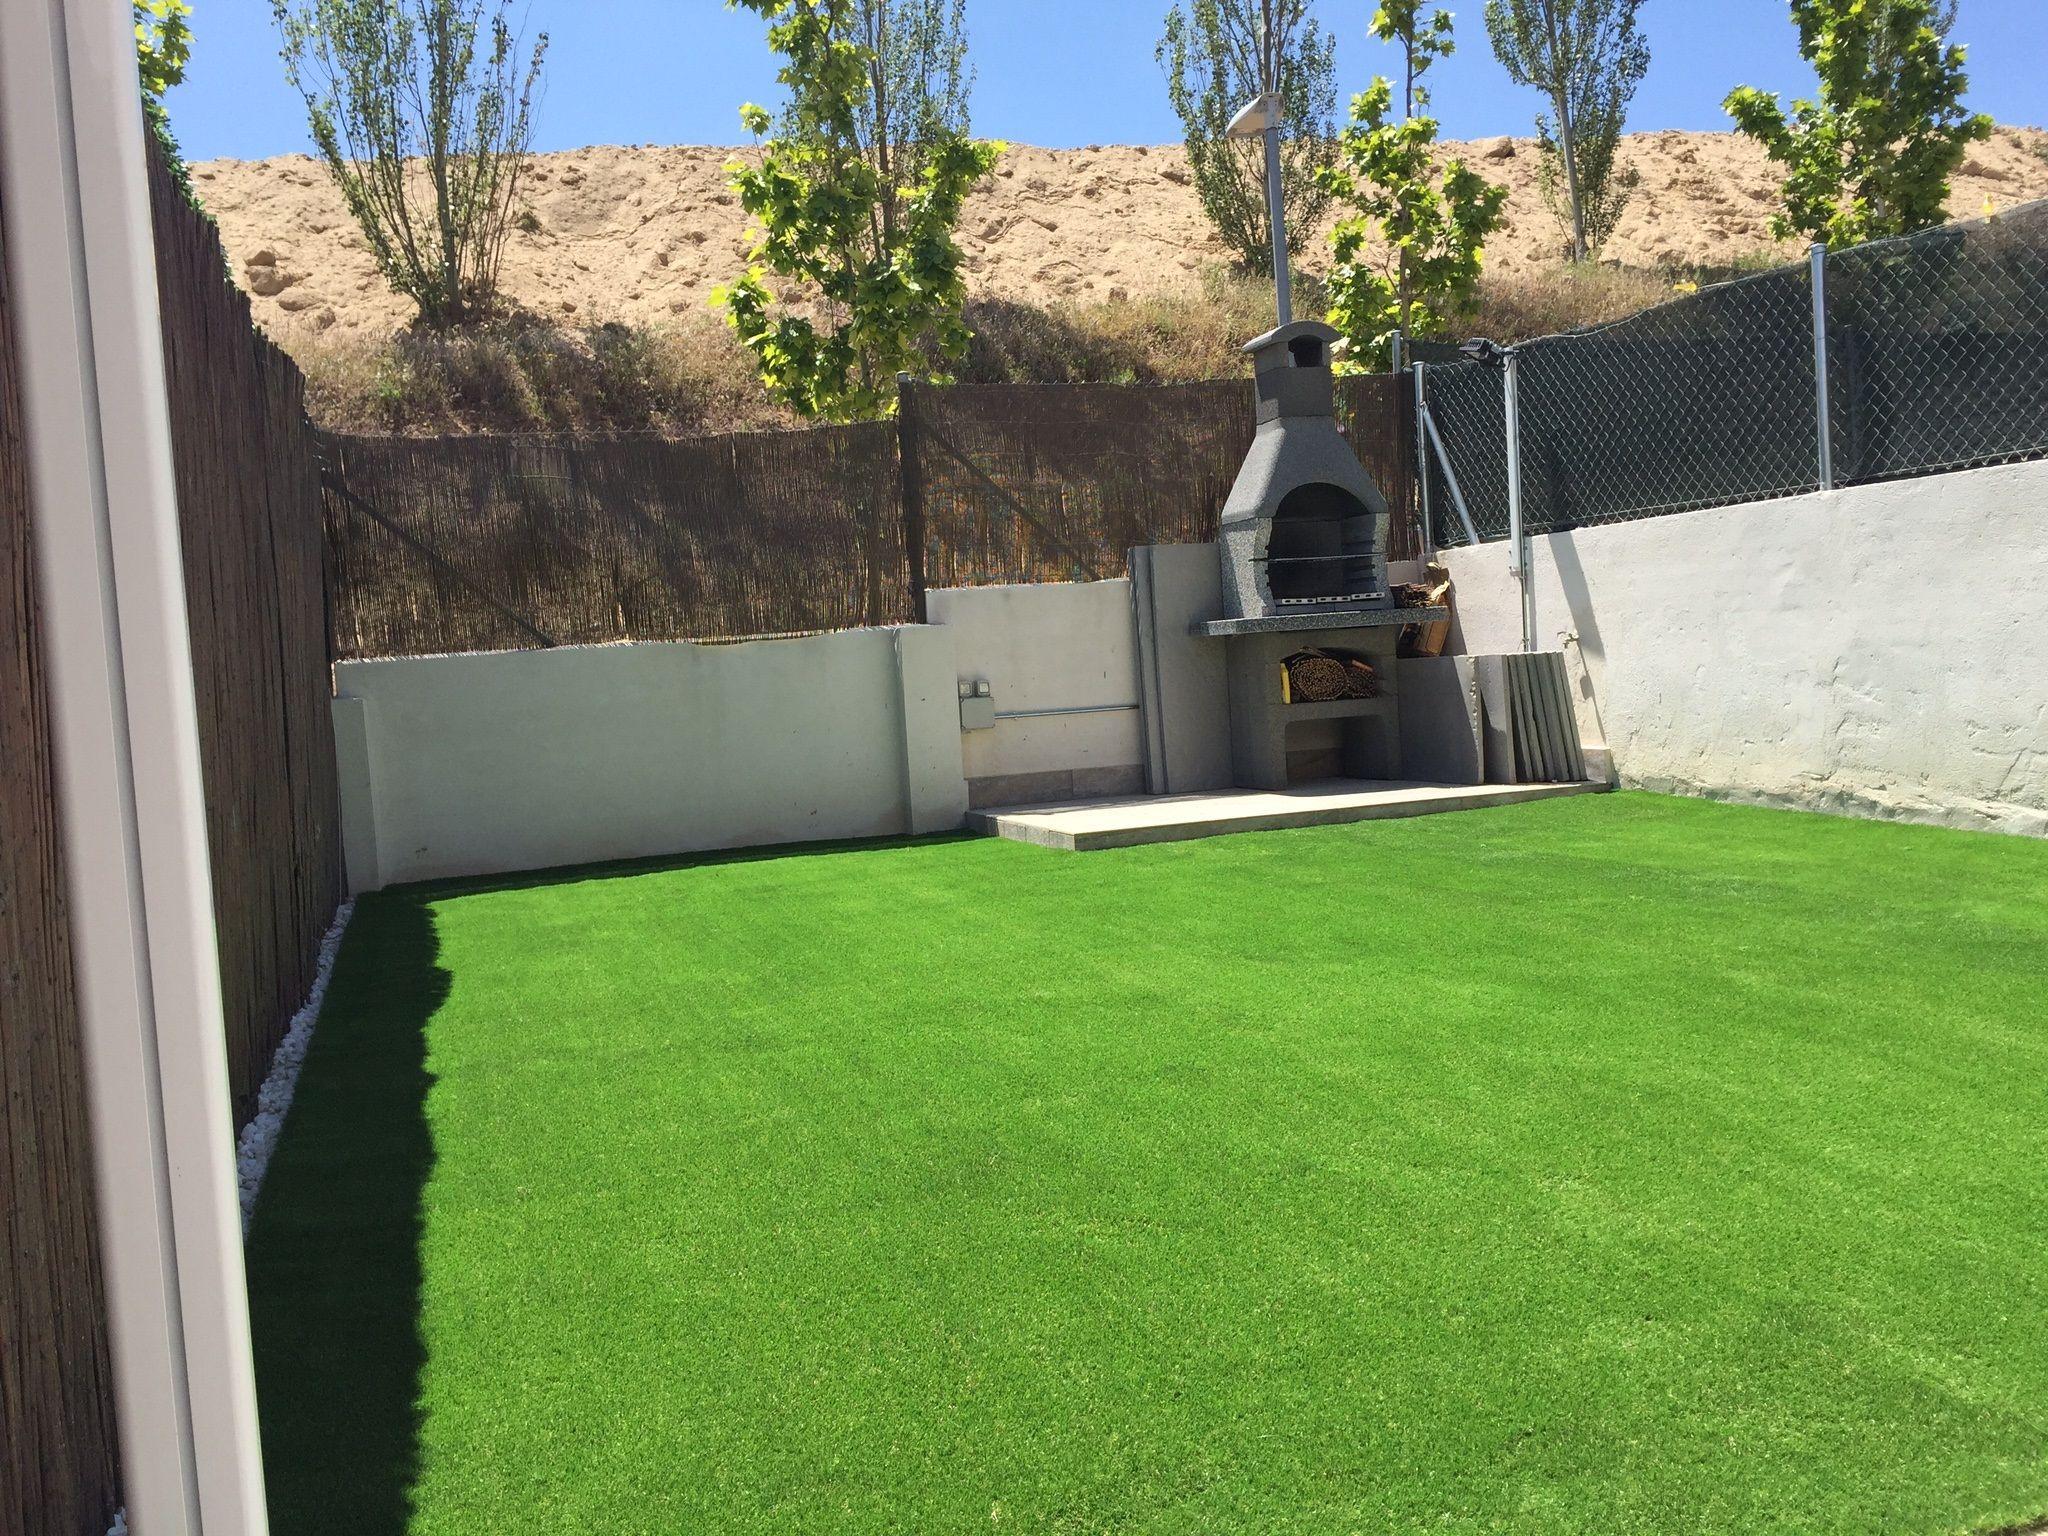 En terrazas y jardines Paraiso Xtra es el c sped artificial mejor